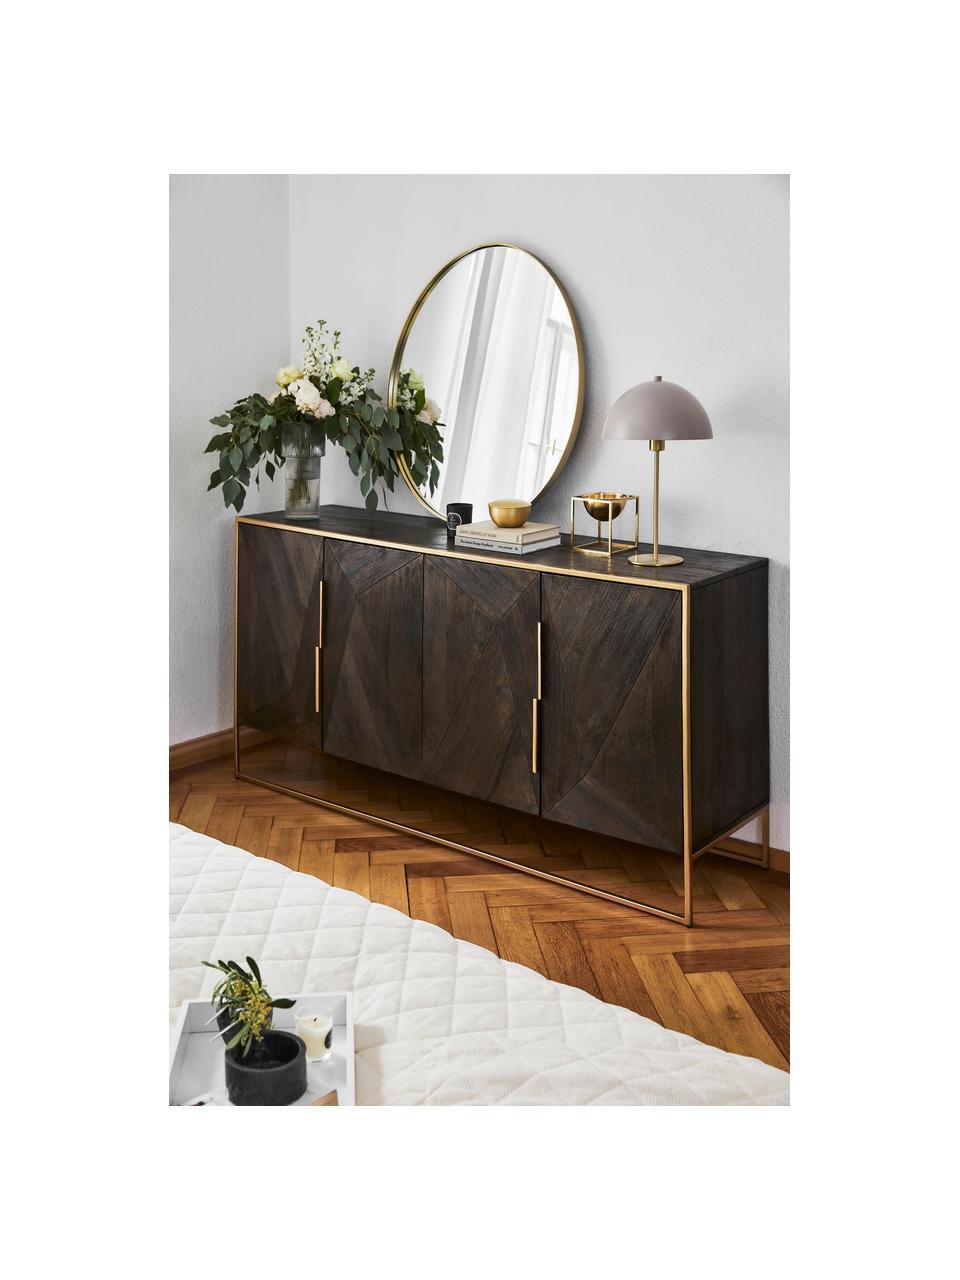 Sideboard Harry mit Türen aus massivem Mangoholz, Korpus: Massives Mangoholz, lacki, Mangoholz, Goldfarben, 175 x 85 cm